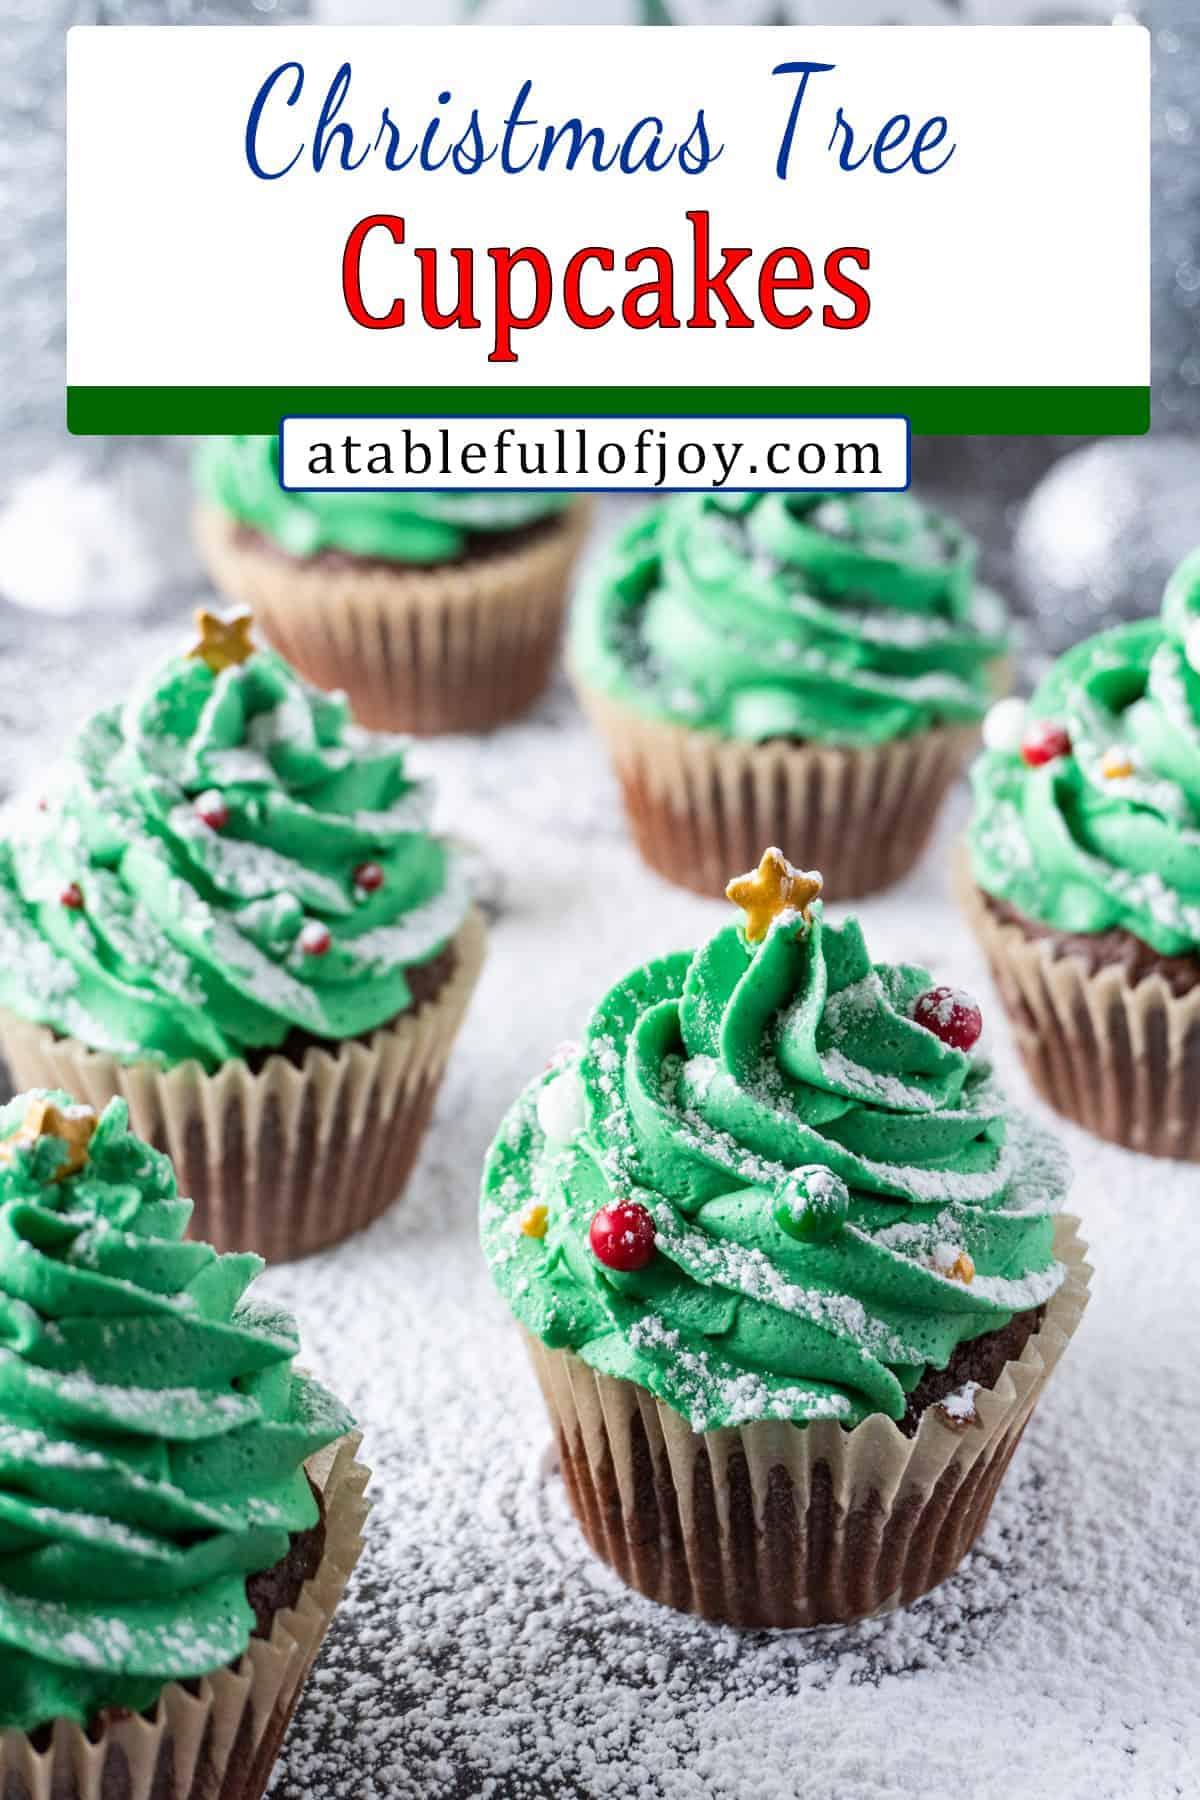 Christmas Tree Cupcakes pin